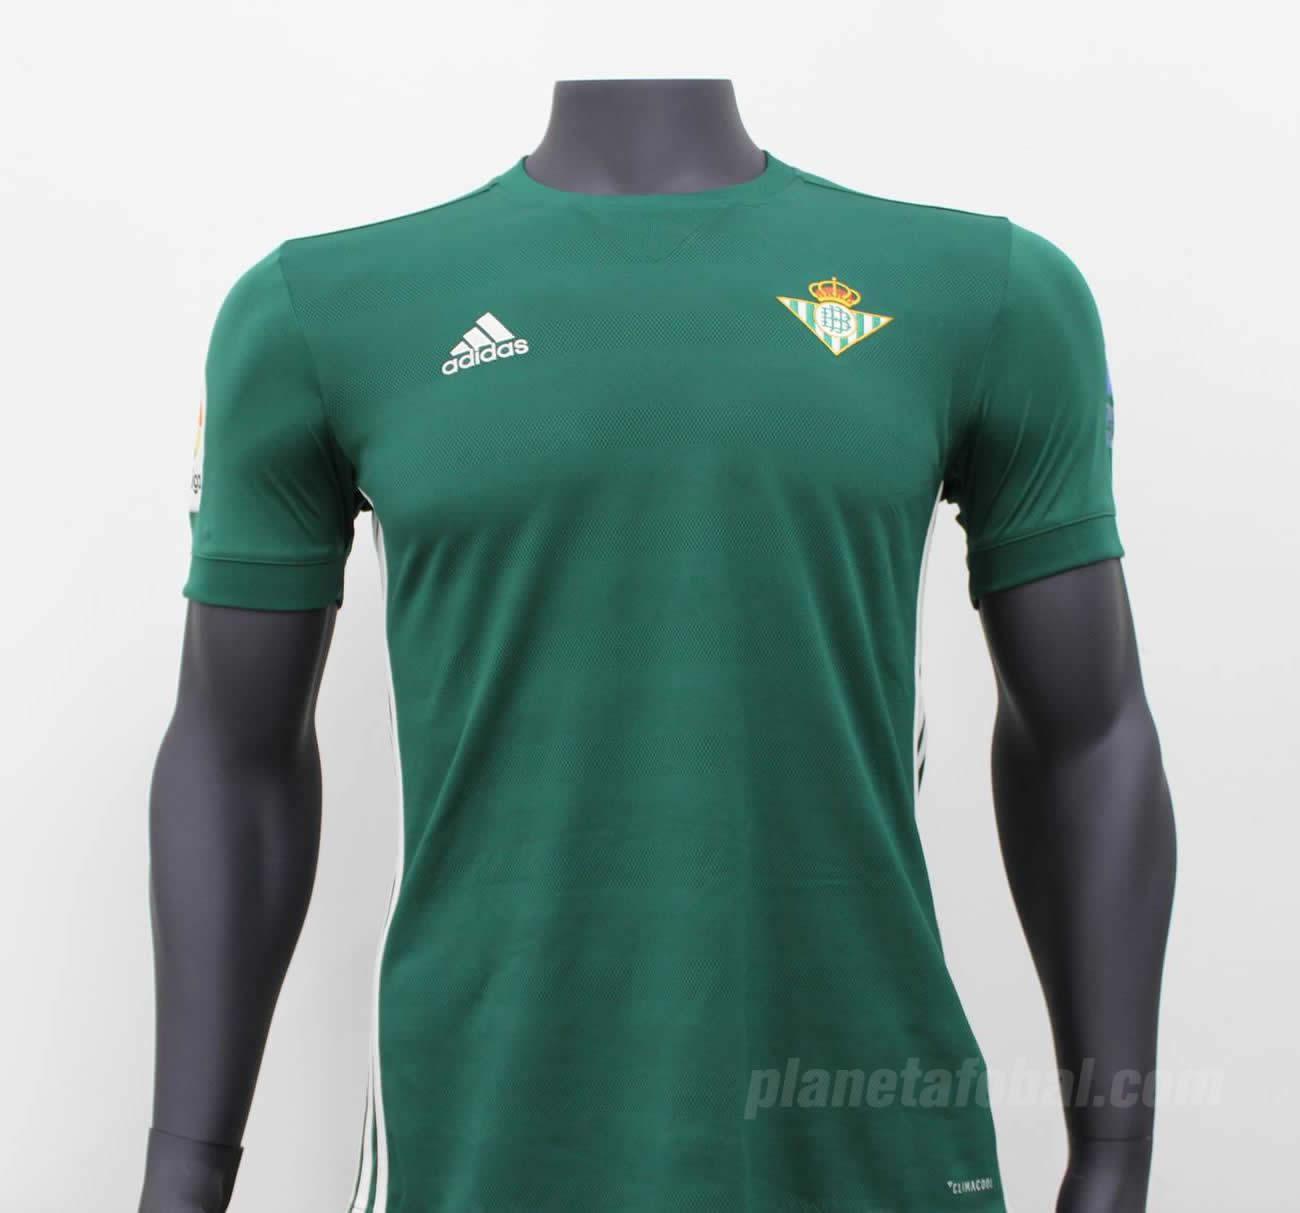 Camiseta suplente Adidas 2017-18 del Betis  720add222fcfe